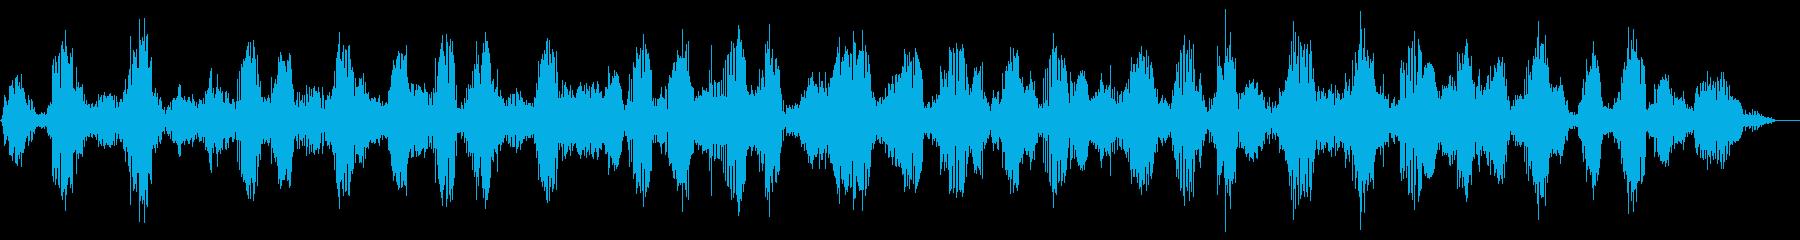 カエルの合唱 (約12秒)の再生済みの波形